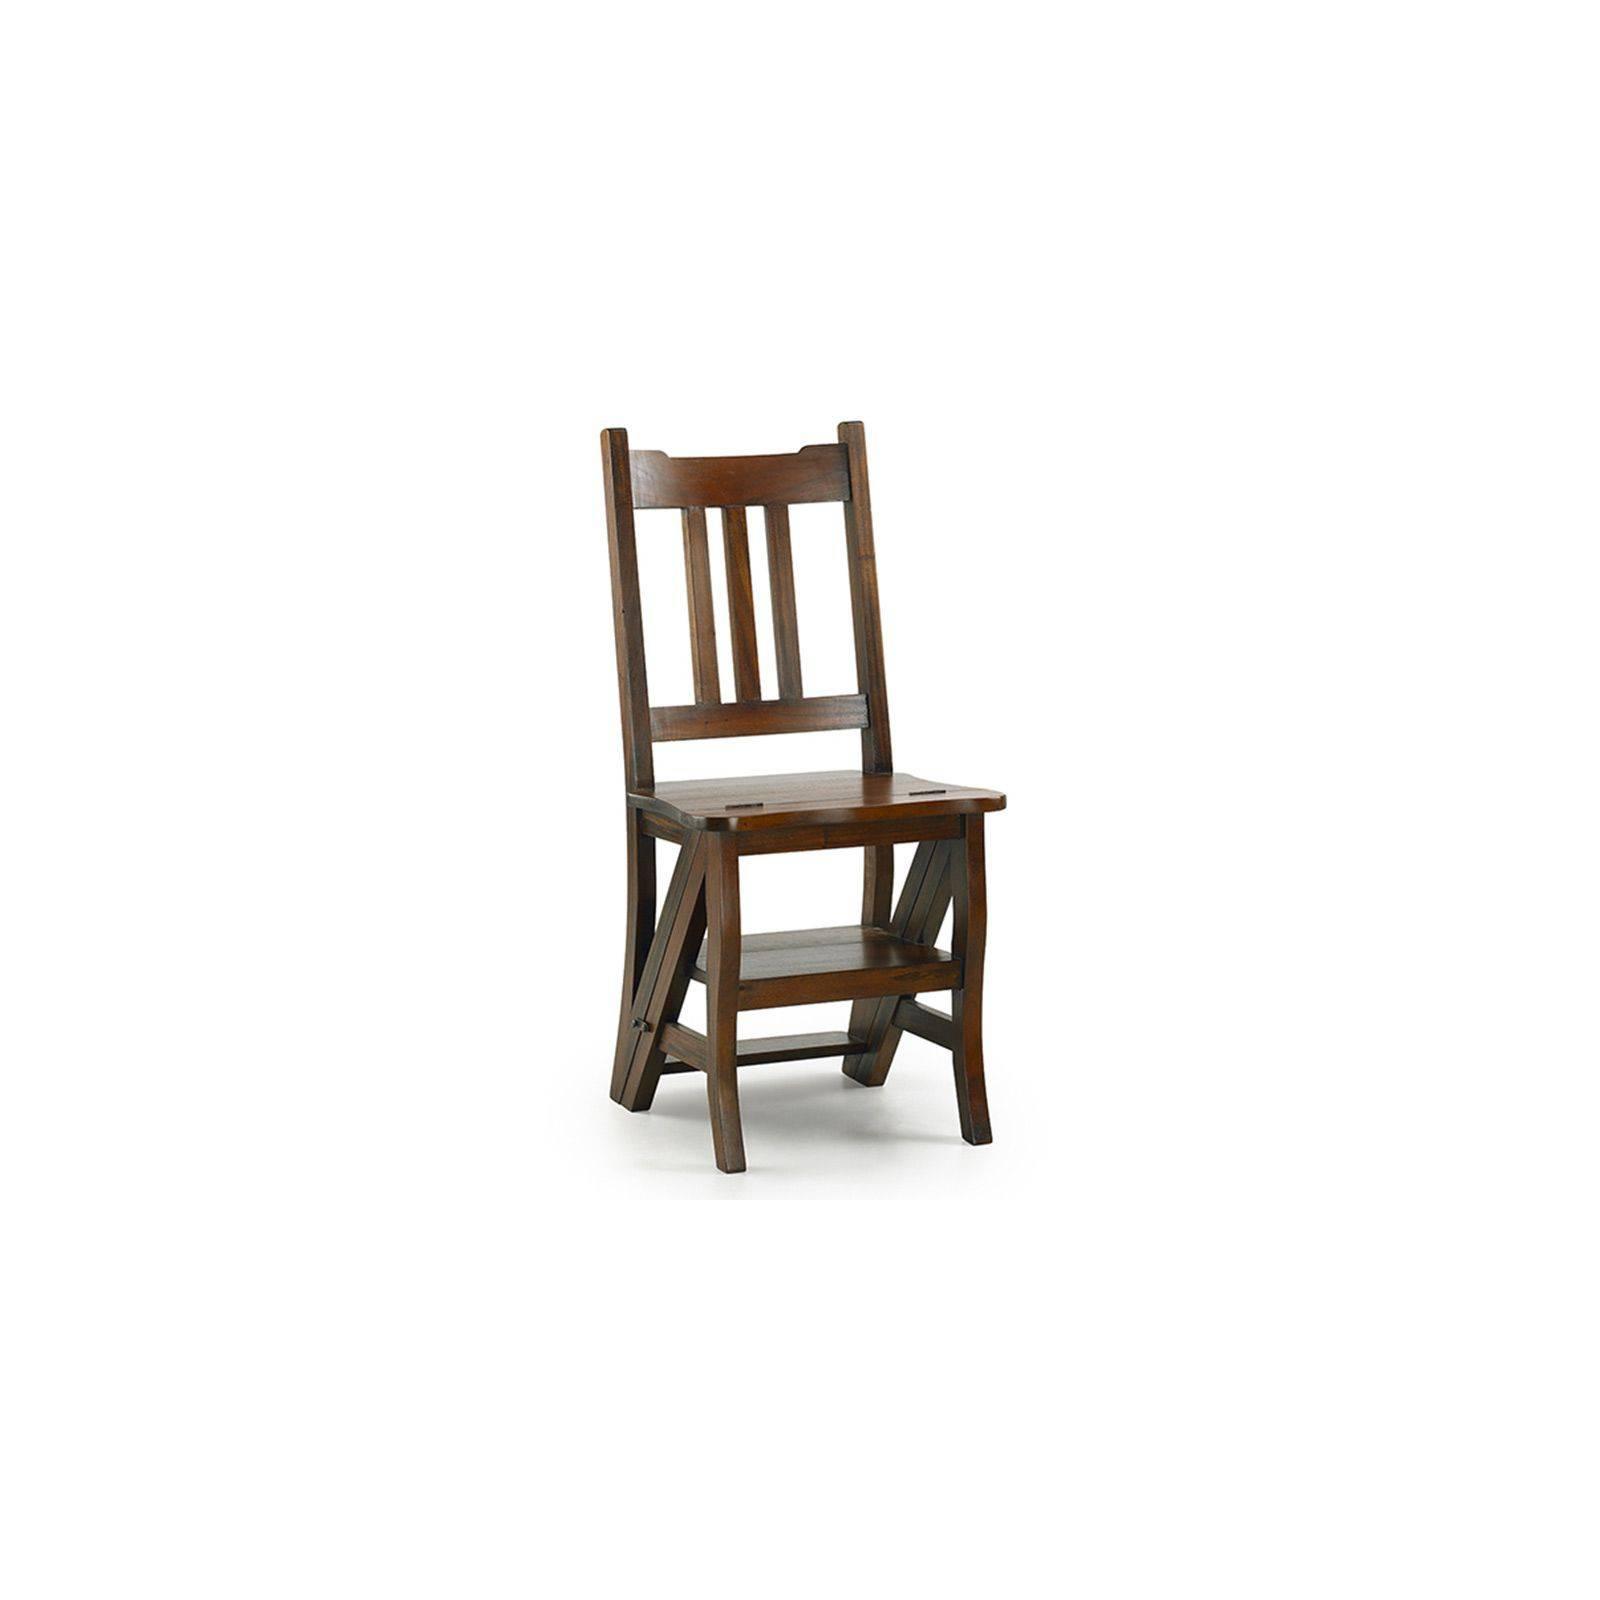 Chaise escabeau Colonial Acajou Massif - chaise en bois exotique